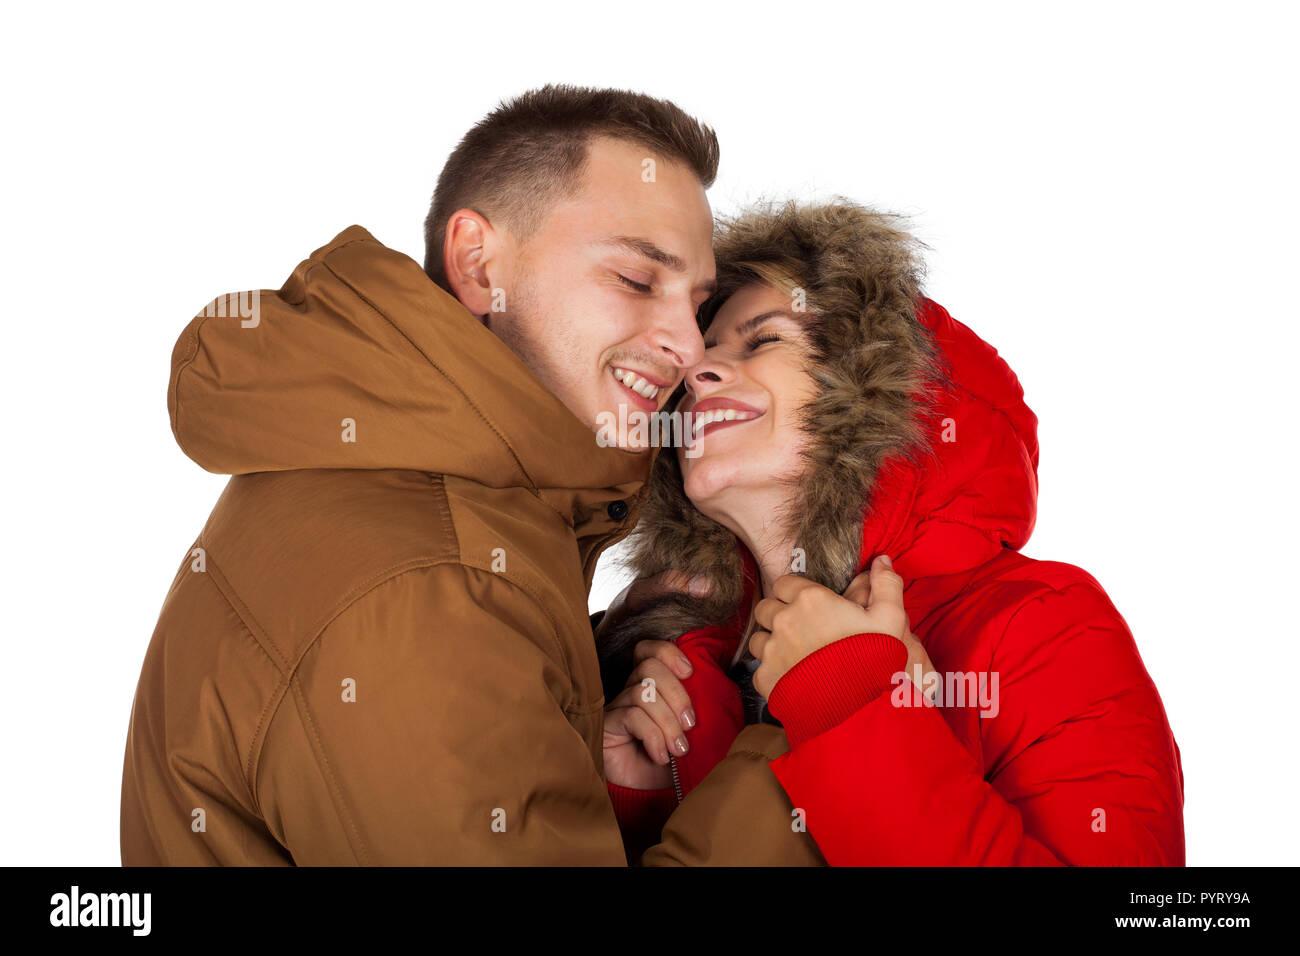 dfec6ca1b162 Junges Paar das Tragen der roten und braunen Winter parka Jacke posiert auf  isolierten Hintergrund -